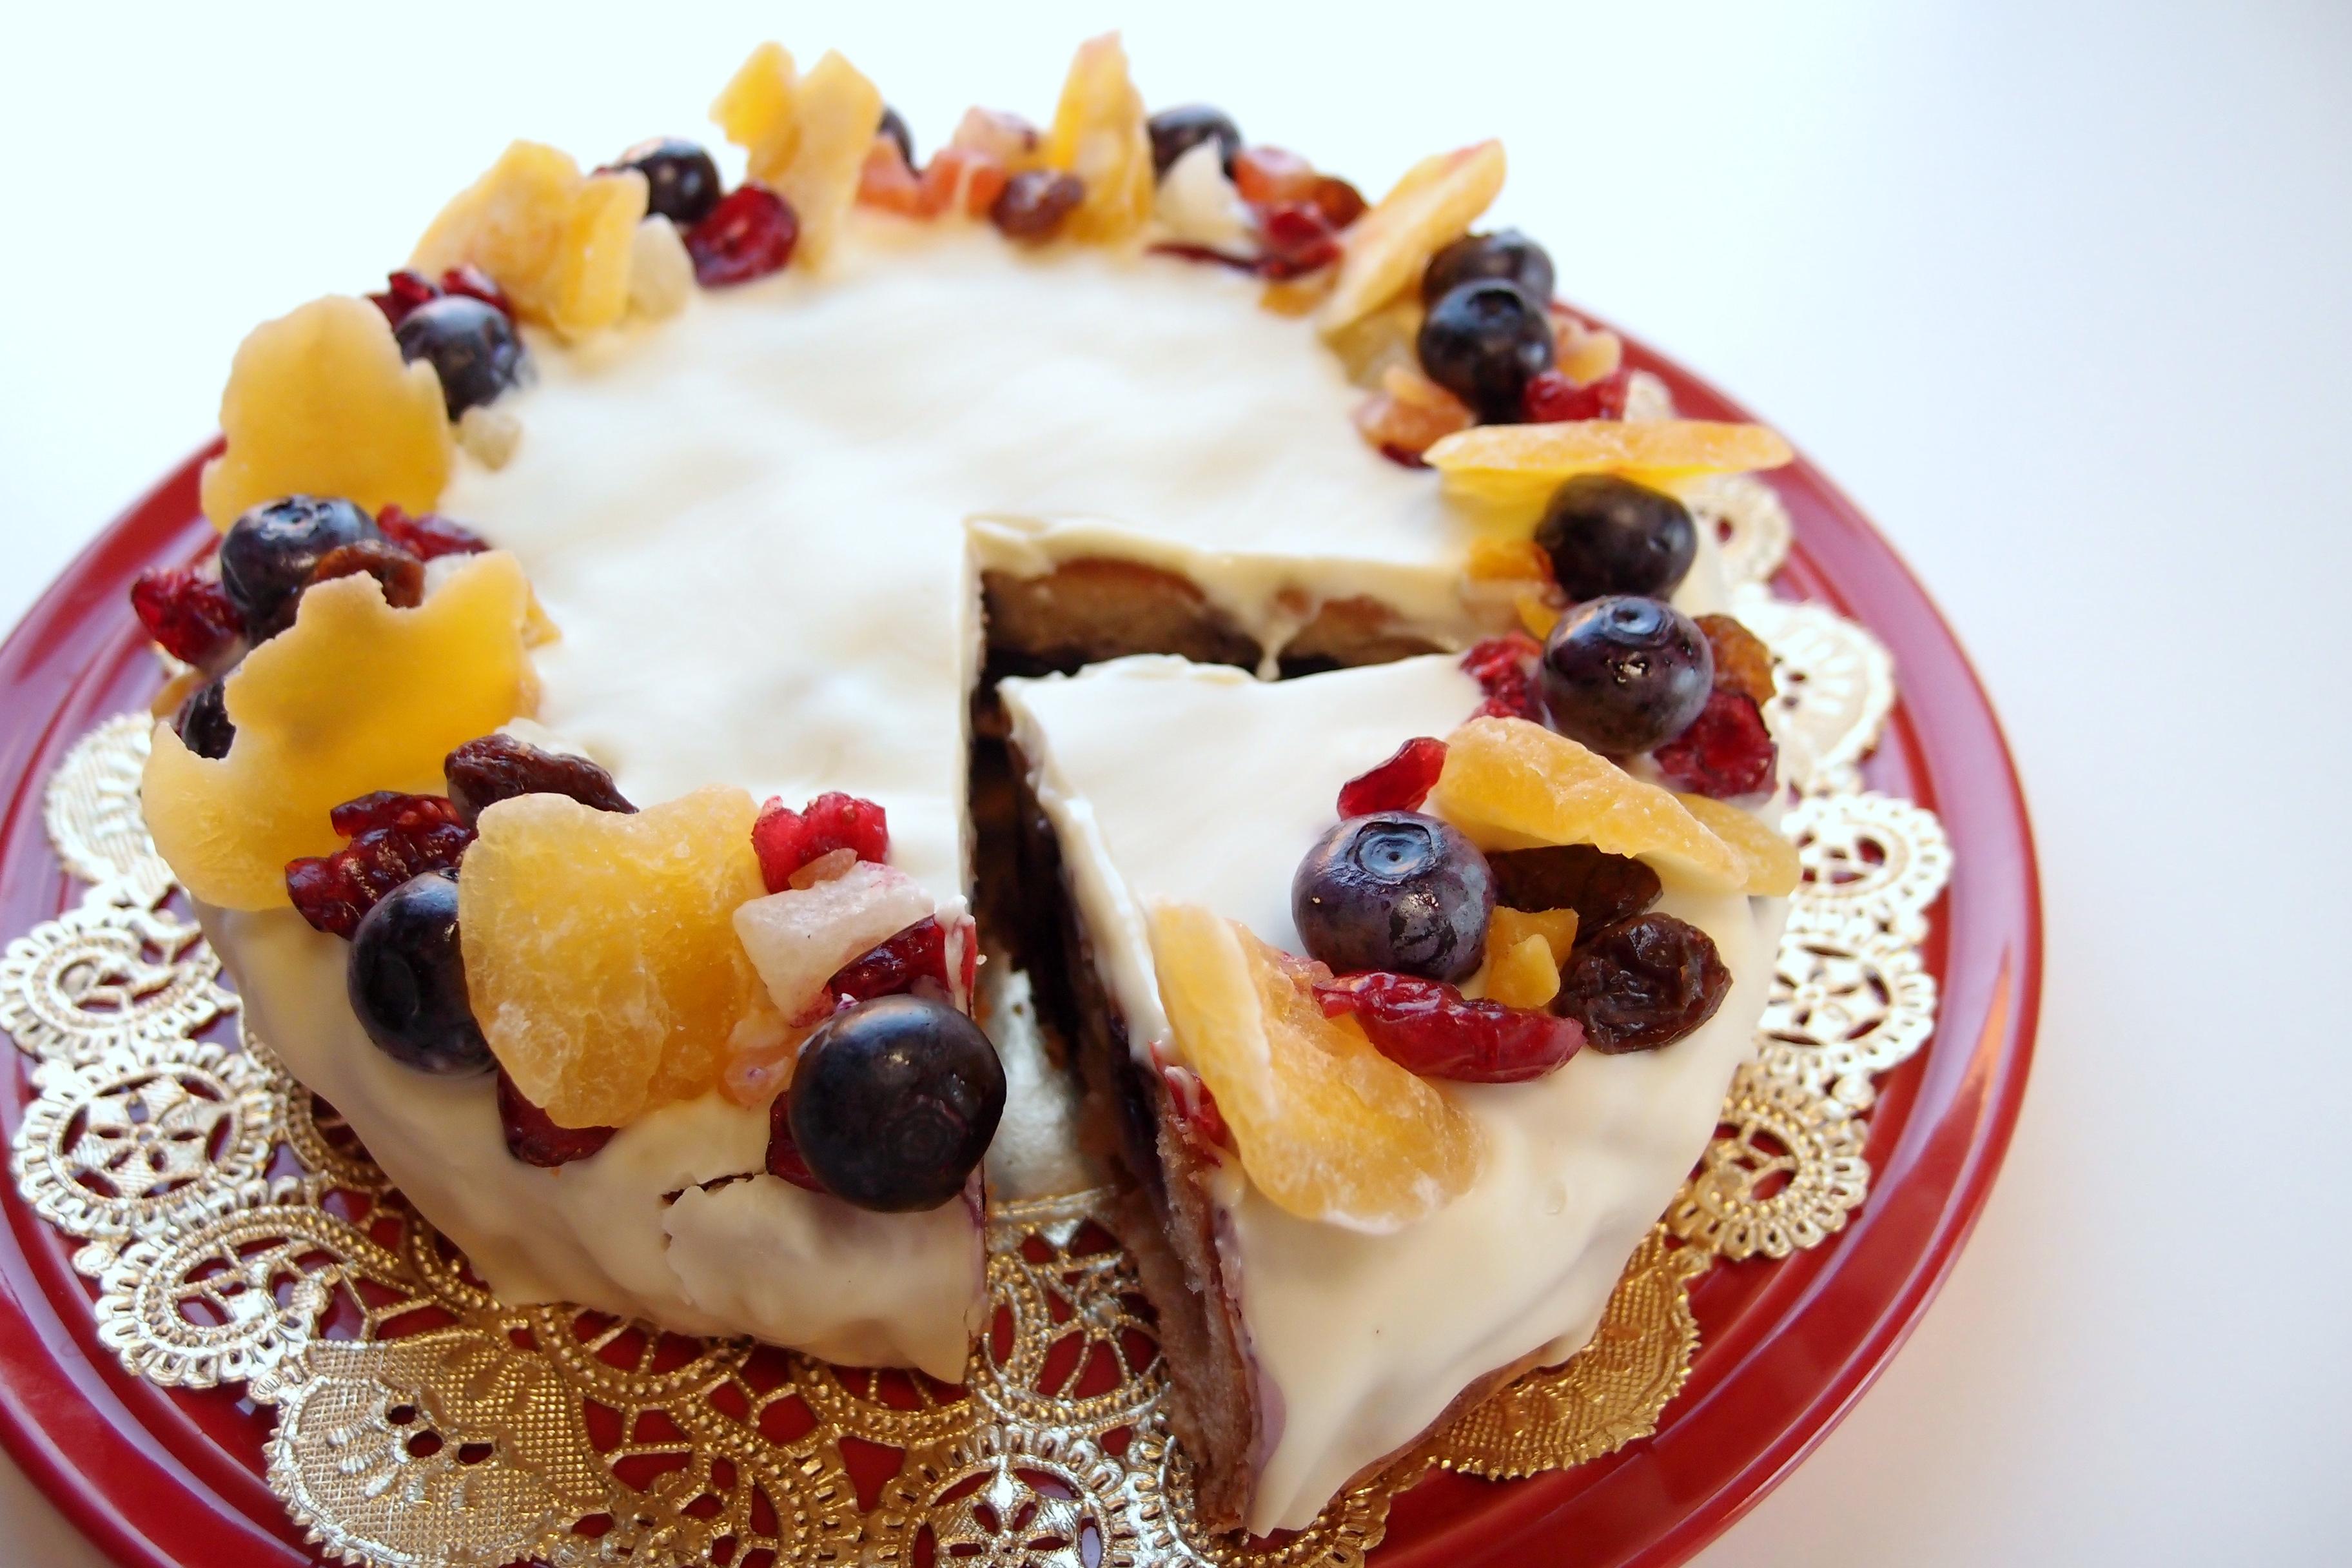 3分クッキング、「りんごとブルーベリーのクリスマスケーキ」